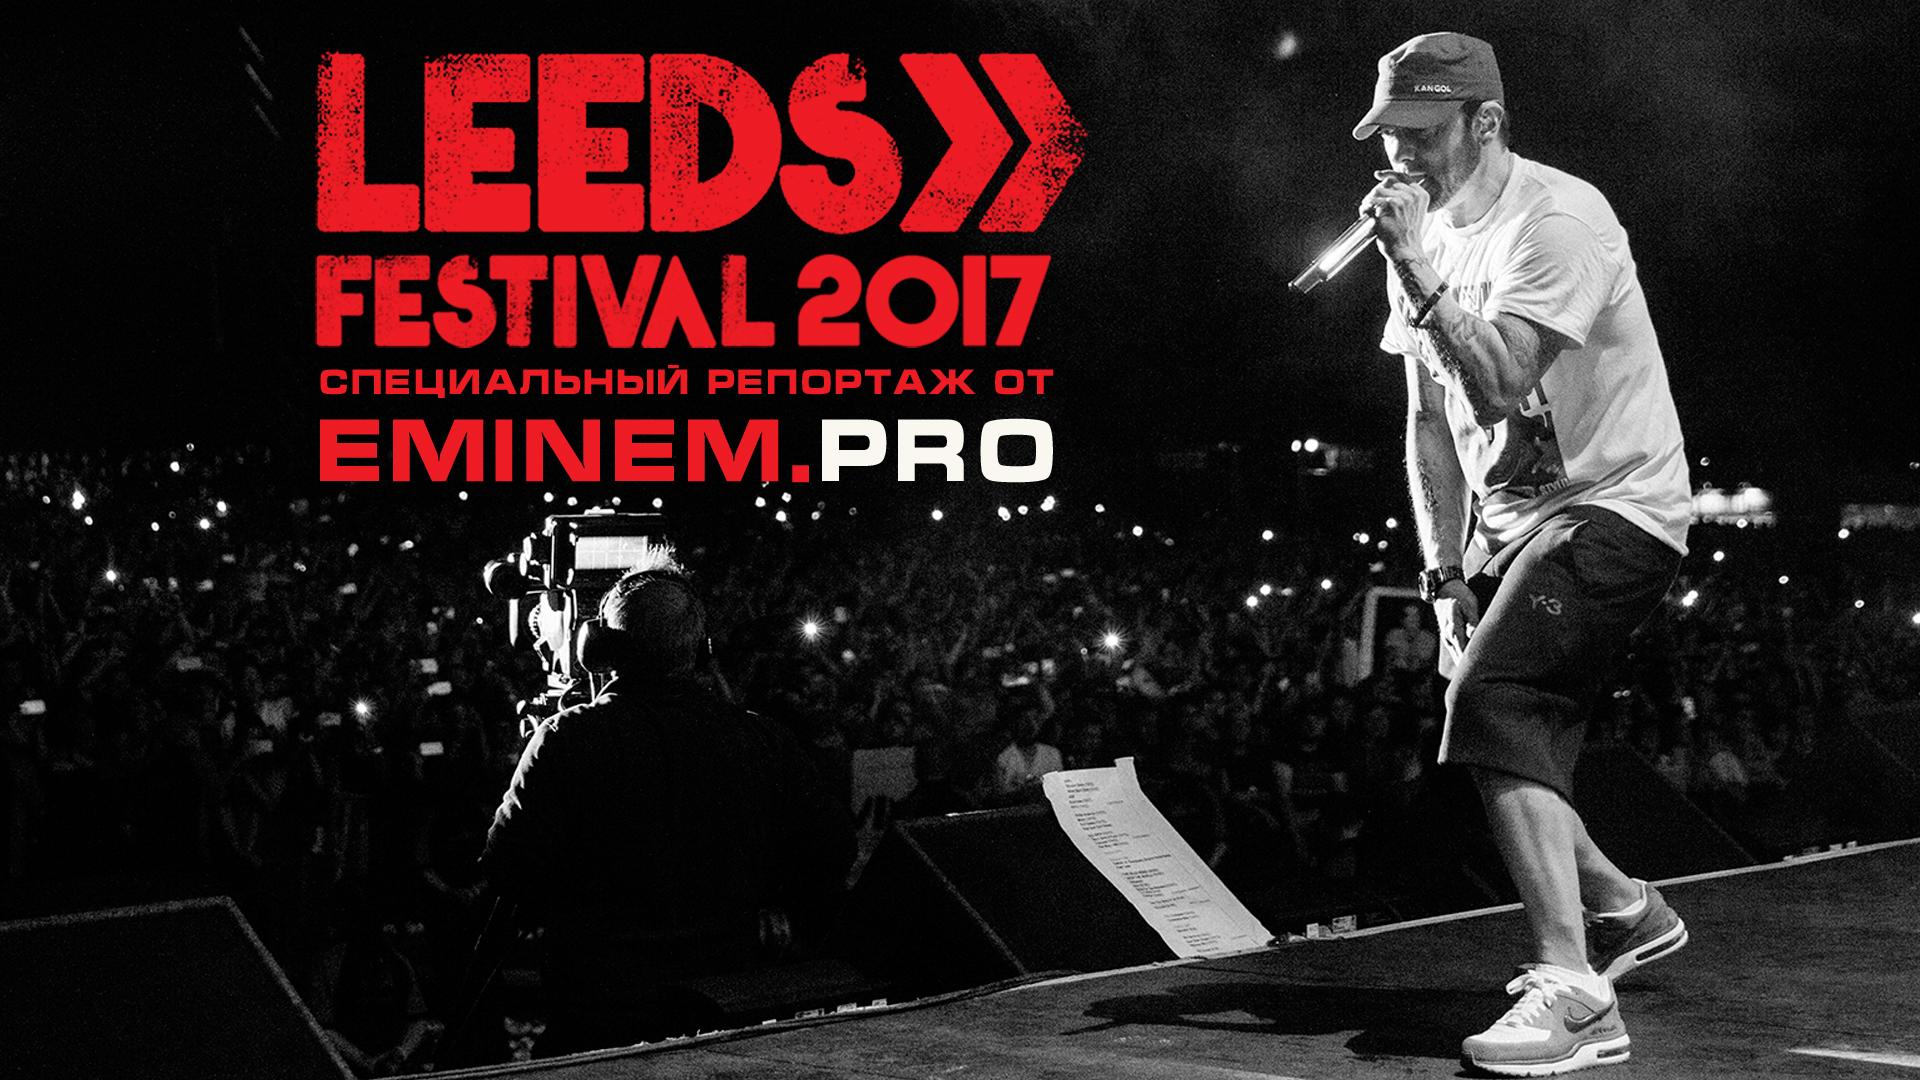 [Эксклюзив Eminem.Pro] Специальный репортаж с концерта Эминема 27 августа на Leeds Festival 2017. Во всех подробностях